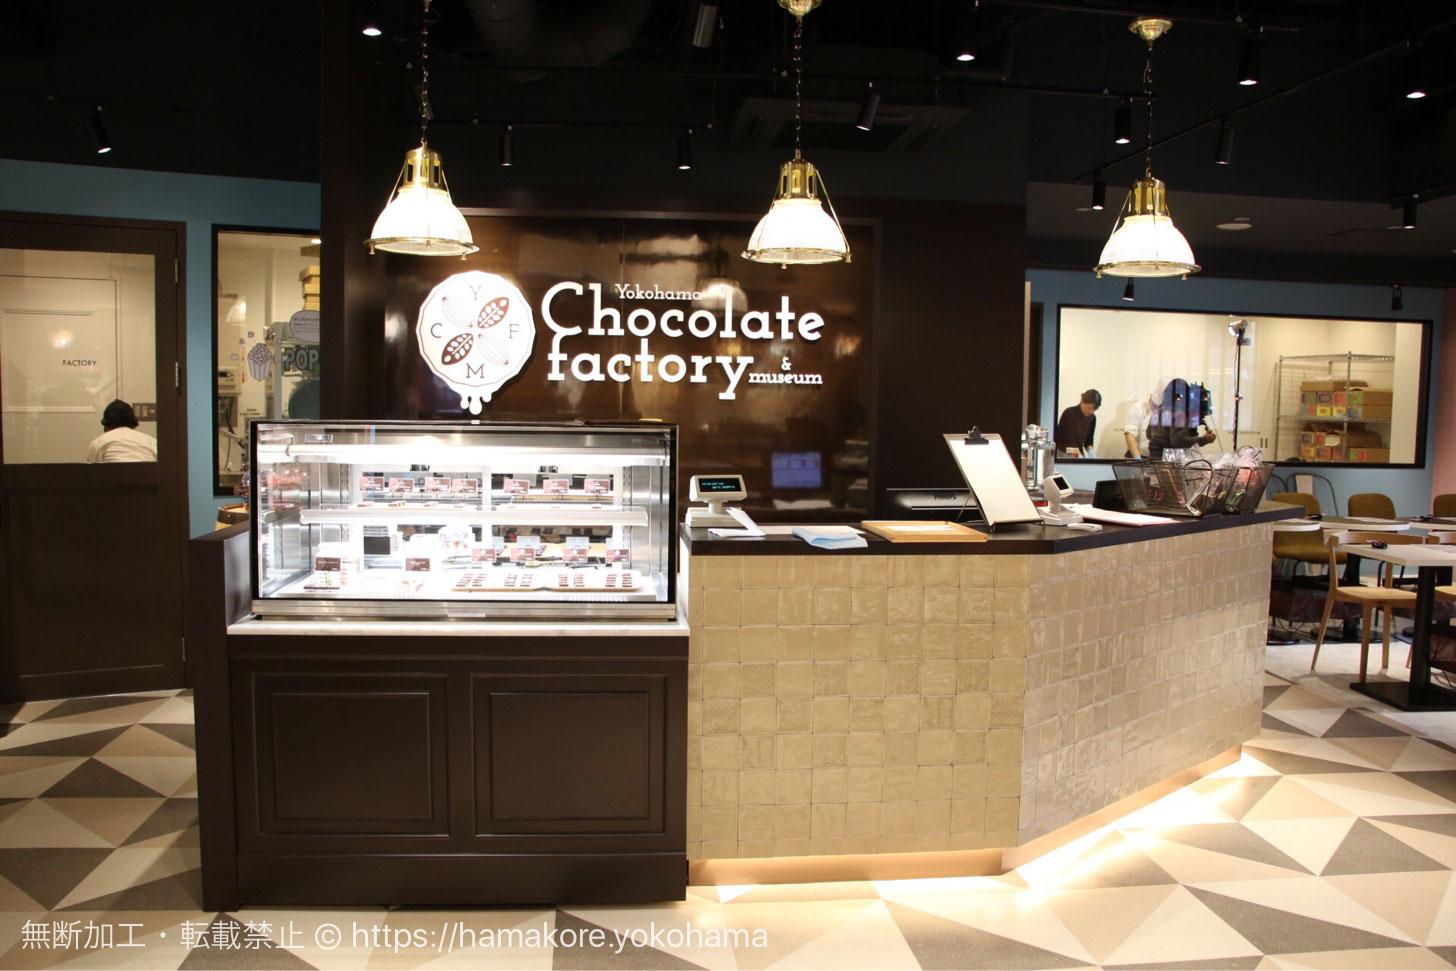 横浜チョコレートファクトリー&ミュージアム 外観